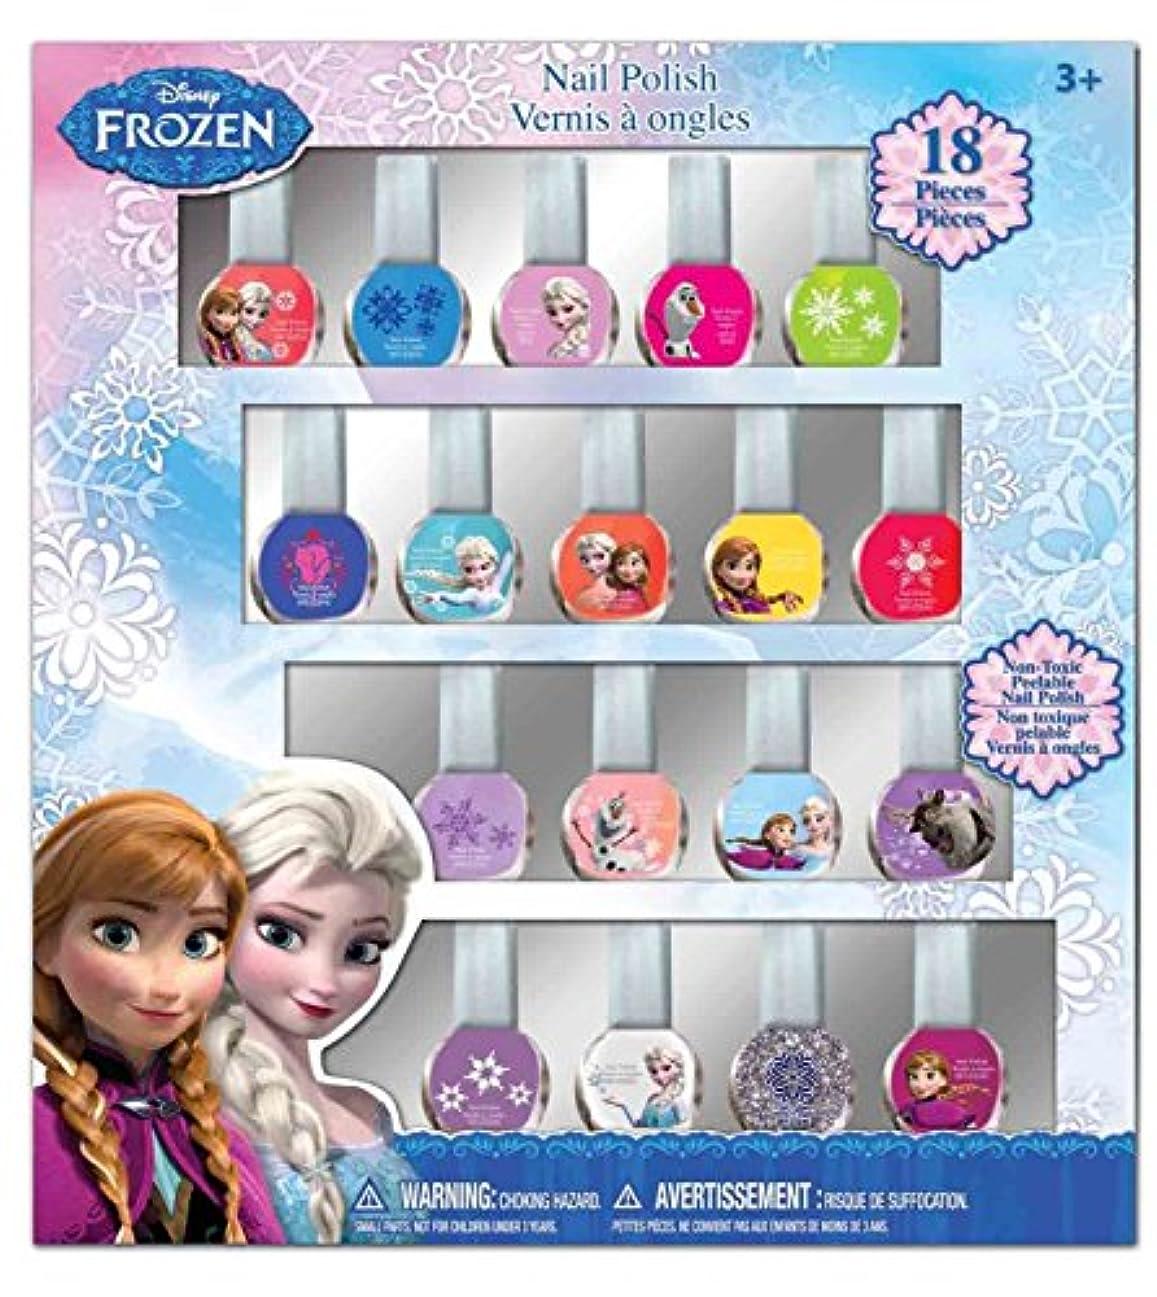 振り向くブルゴーニュ移植ディズニー アナと雪の女王 はがせるマニュキュア18本セット Disney Frozen Nail Polish (18p)